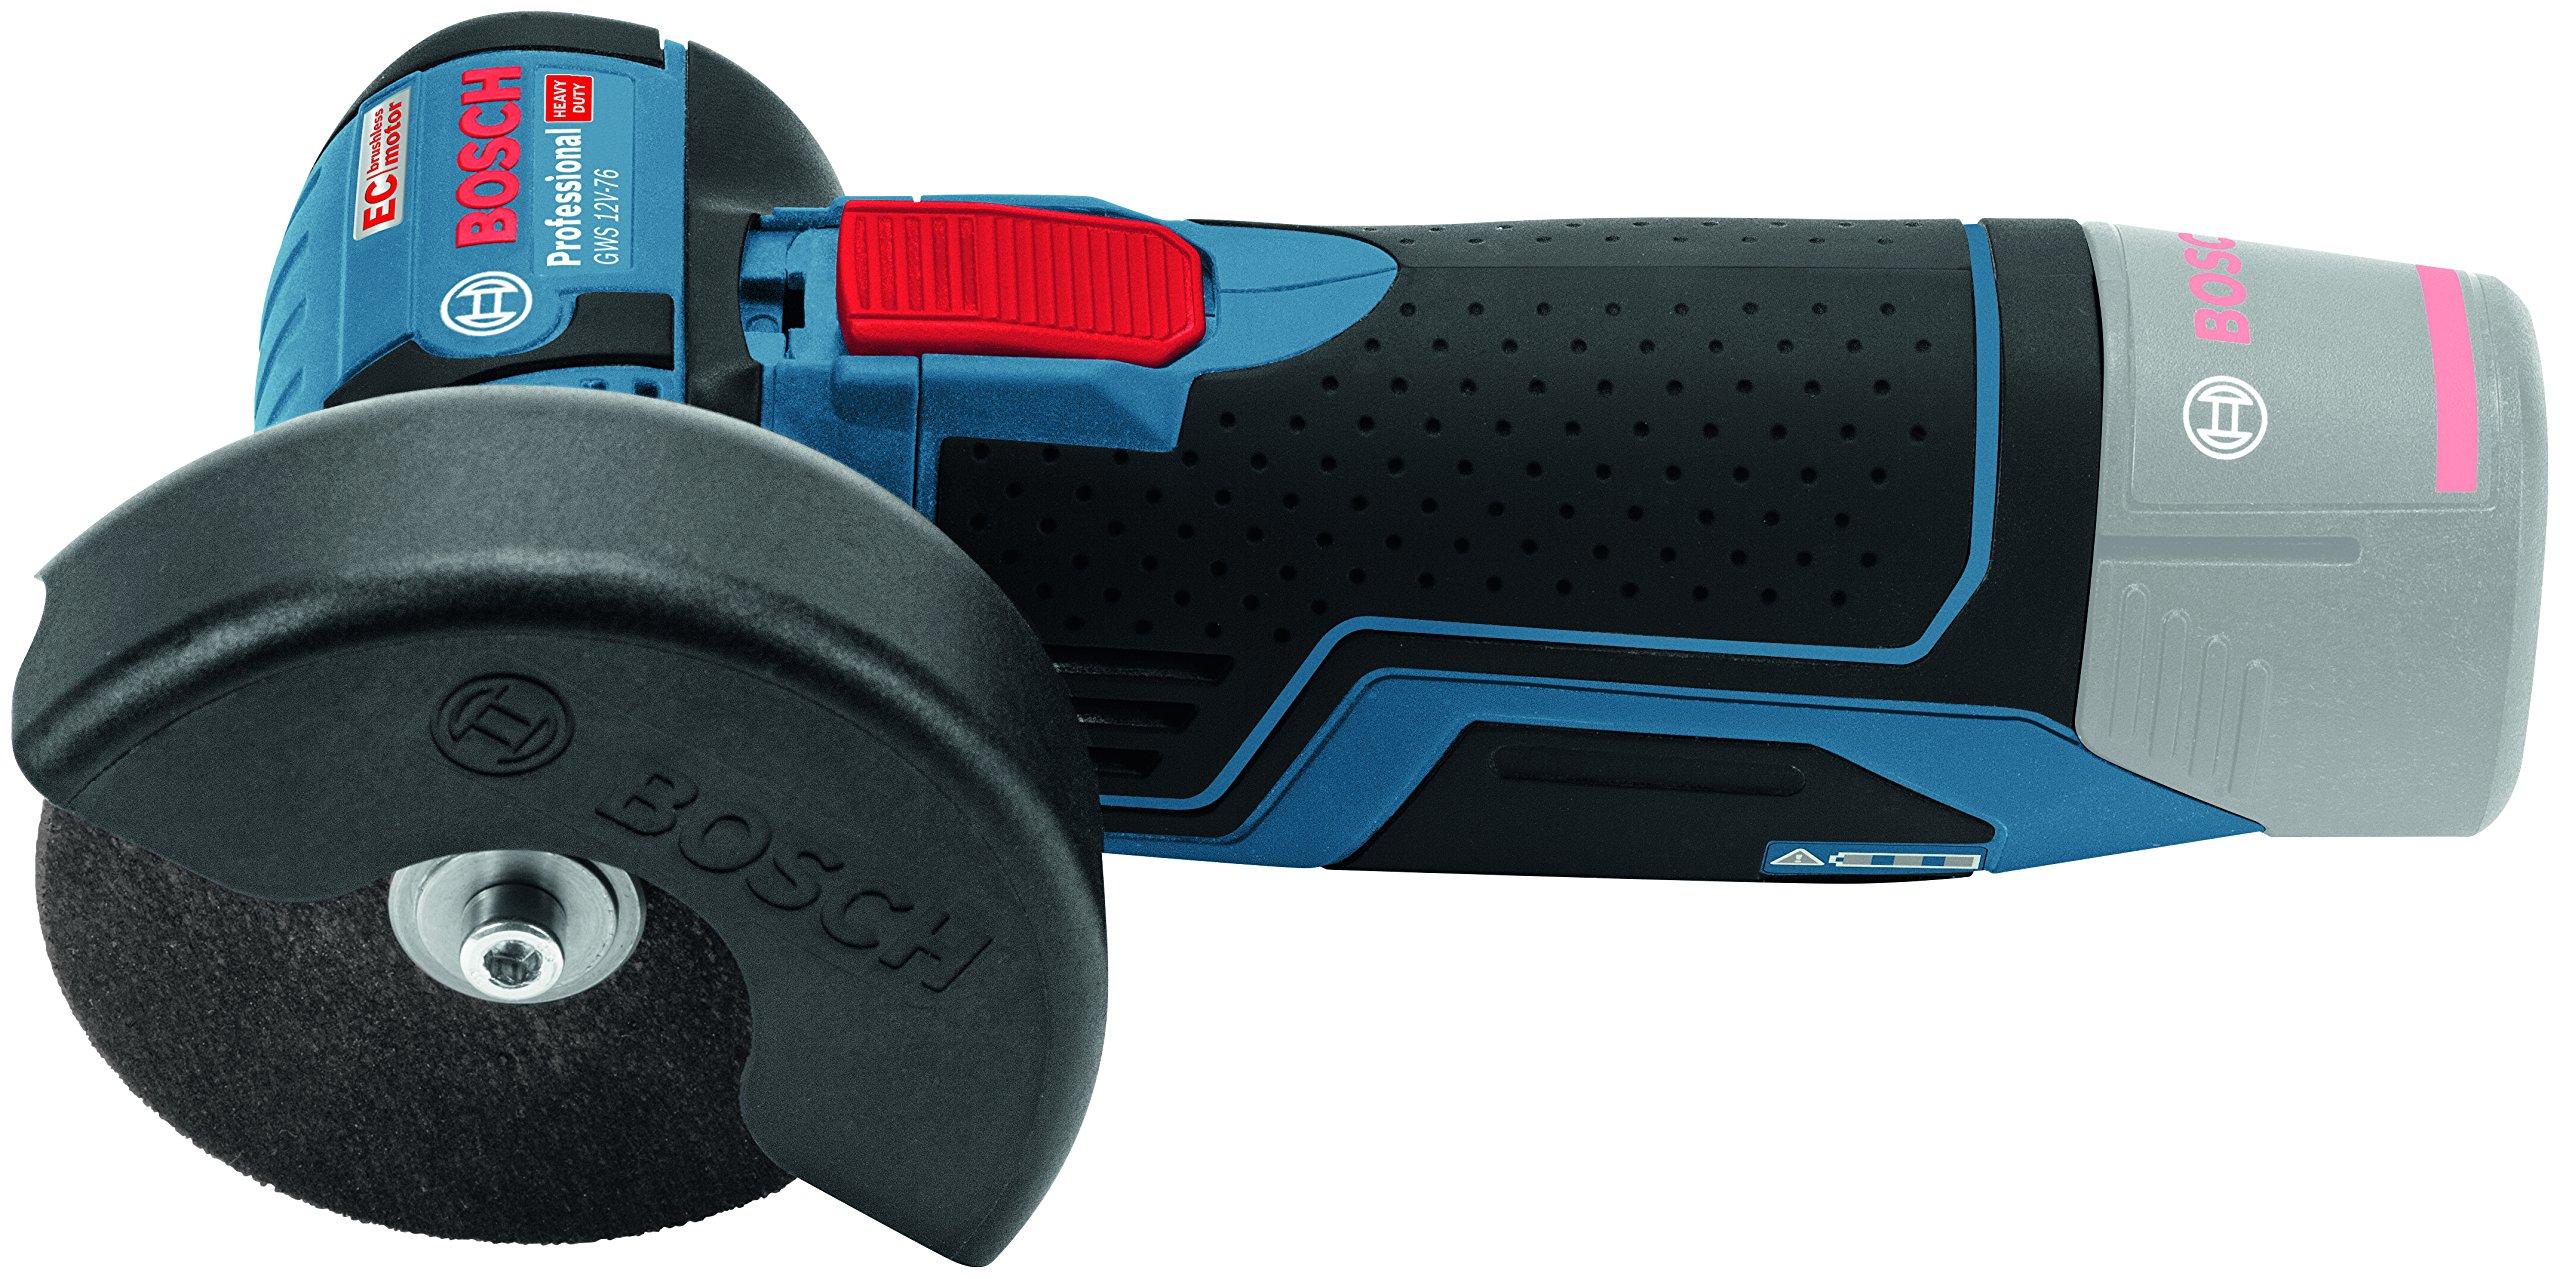 Bosch Professional GWS 12V-76 Smerigliatrice Angolare senza Batteria e Caricabatterie, 12 V, 0.7 kg, M 5, Blu product image